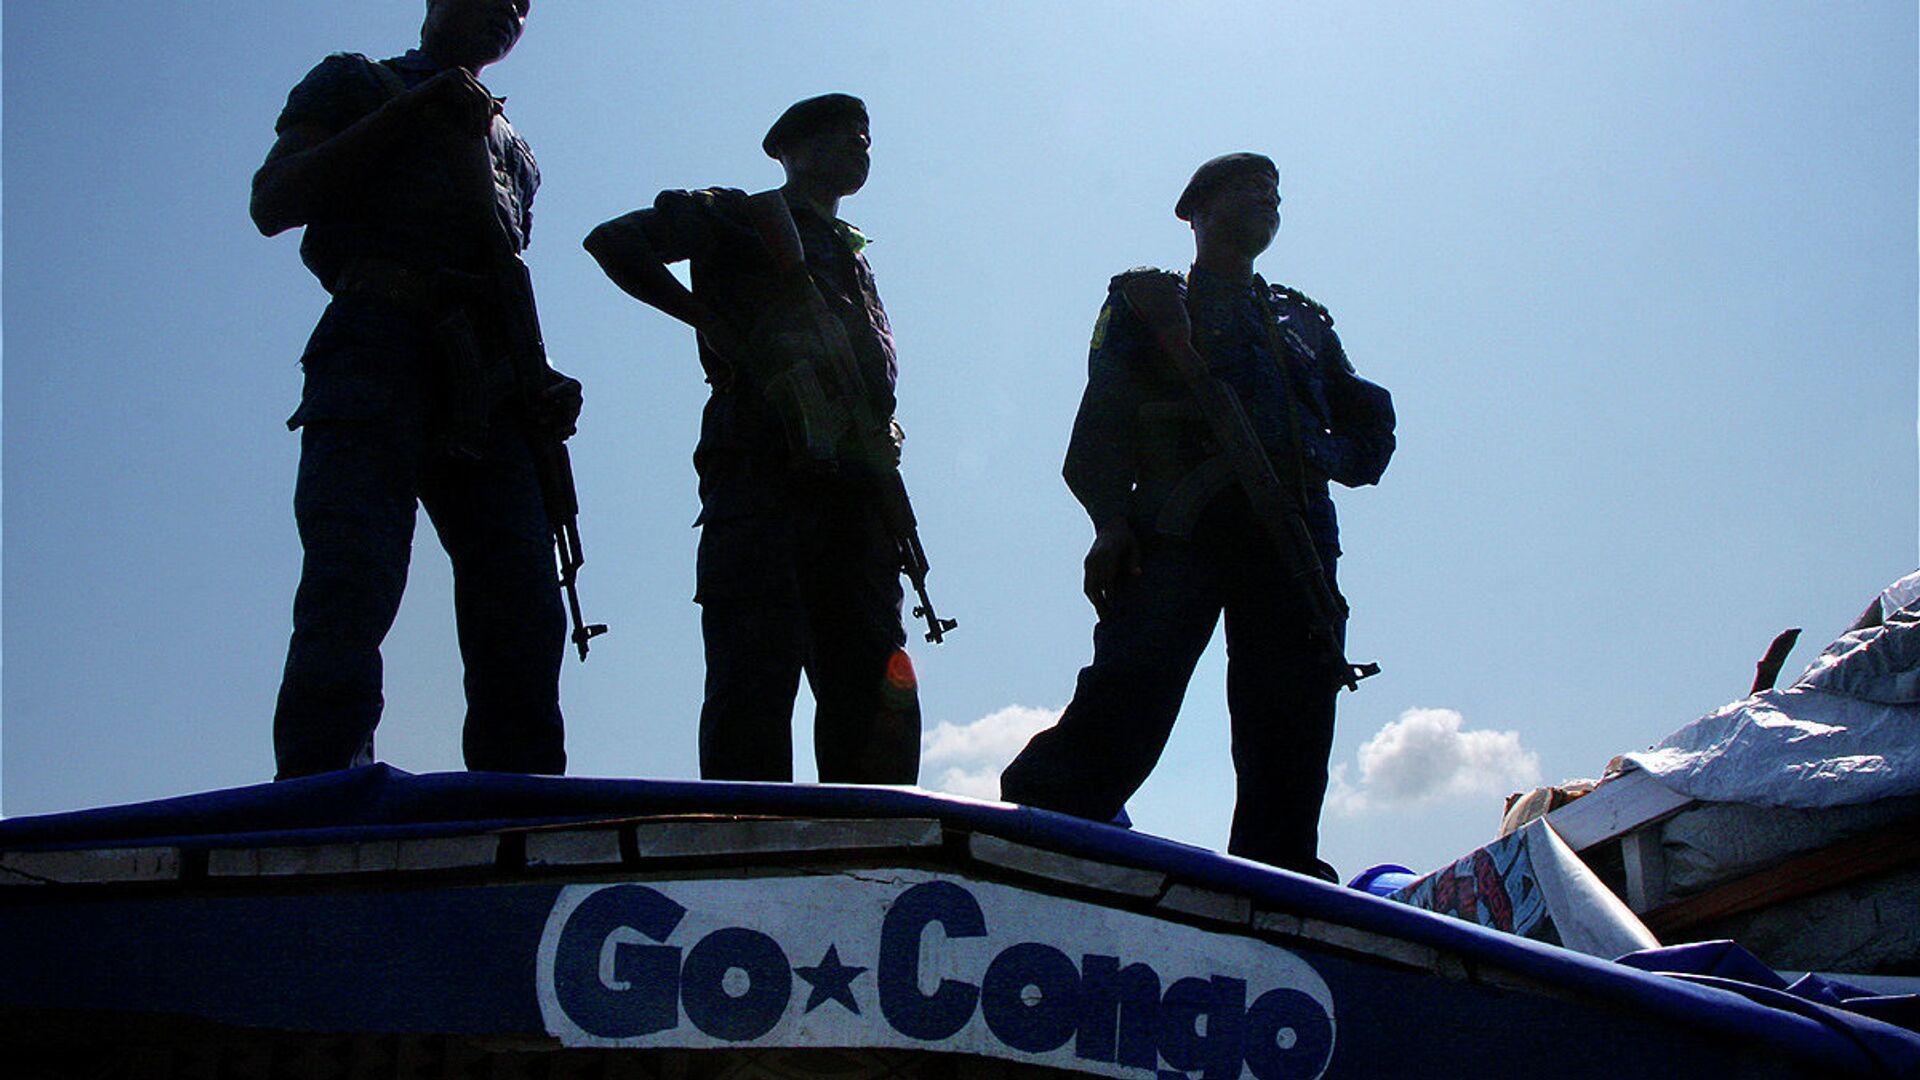 Polizia della Repubblica Democratica del Congo  - Sputnik Italia, 1920, 22.02.2021